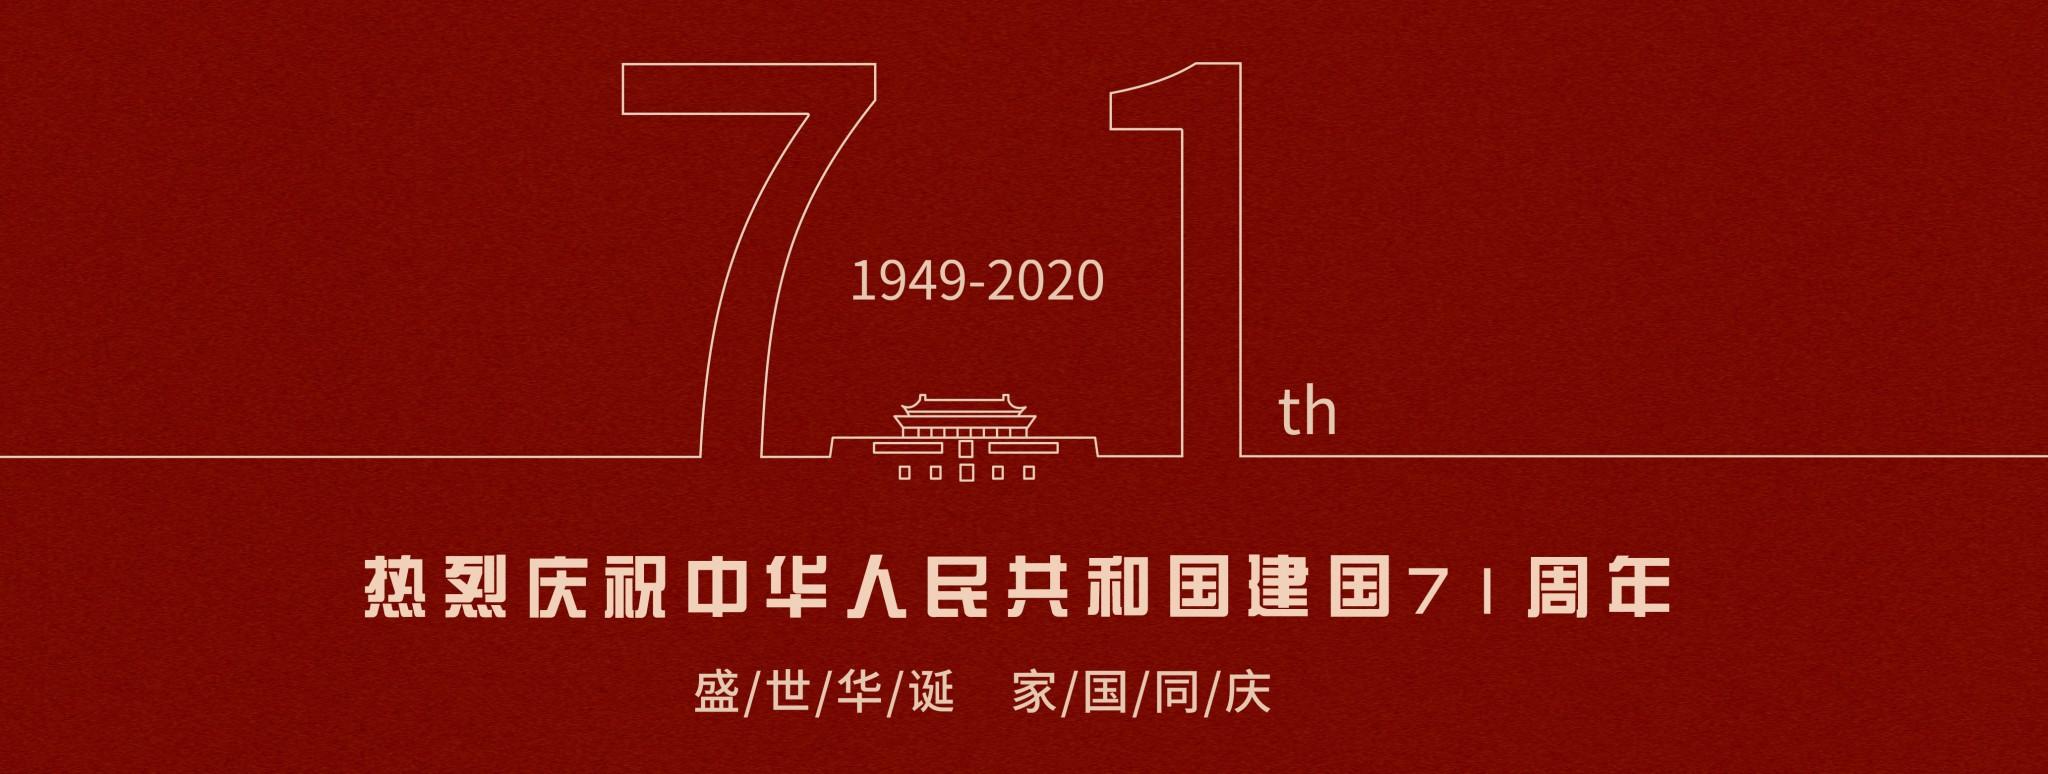 71周年 網站首圖